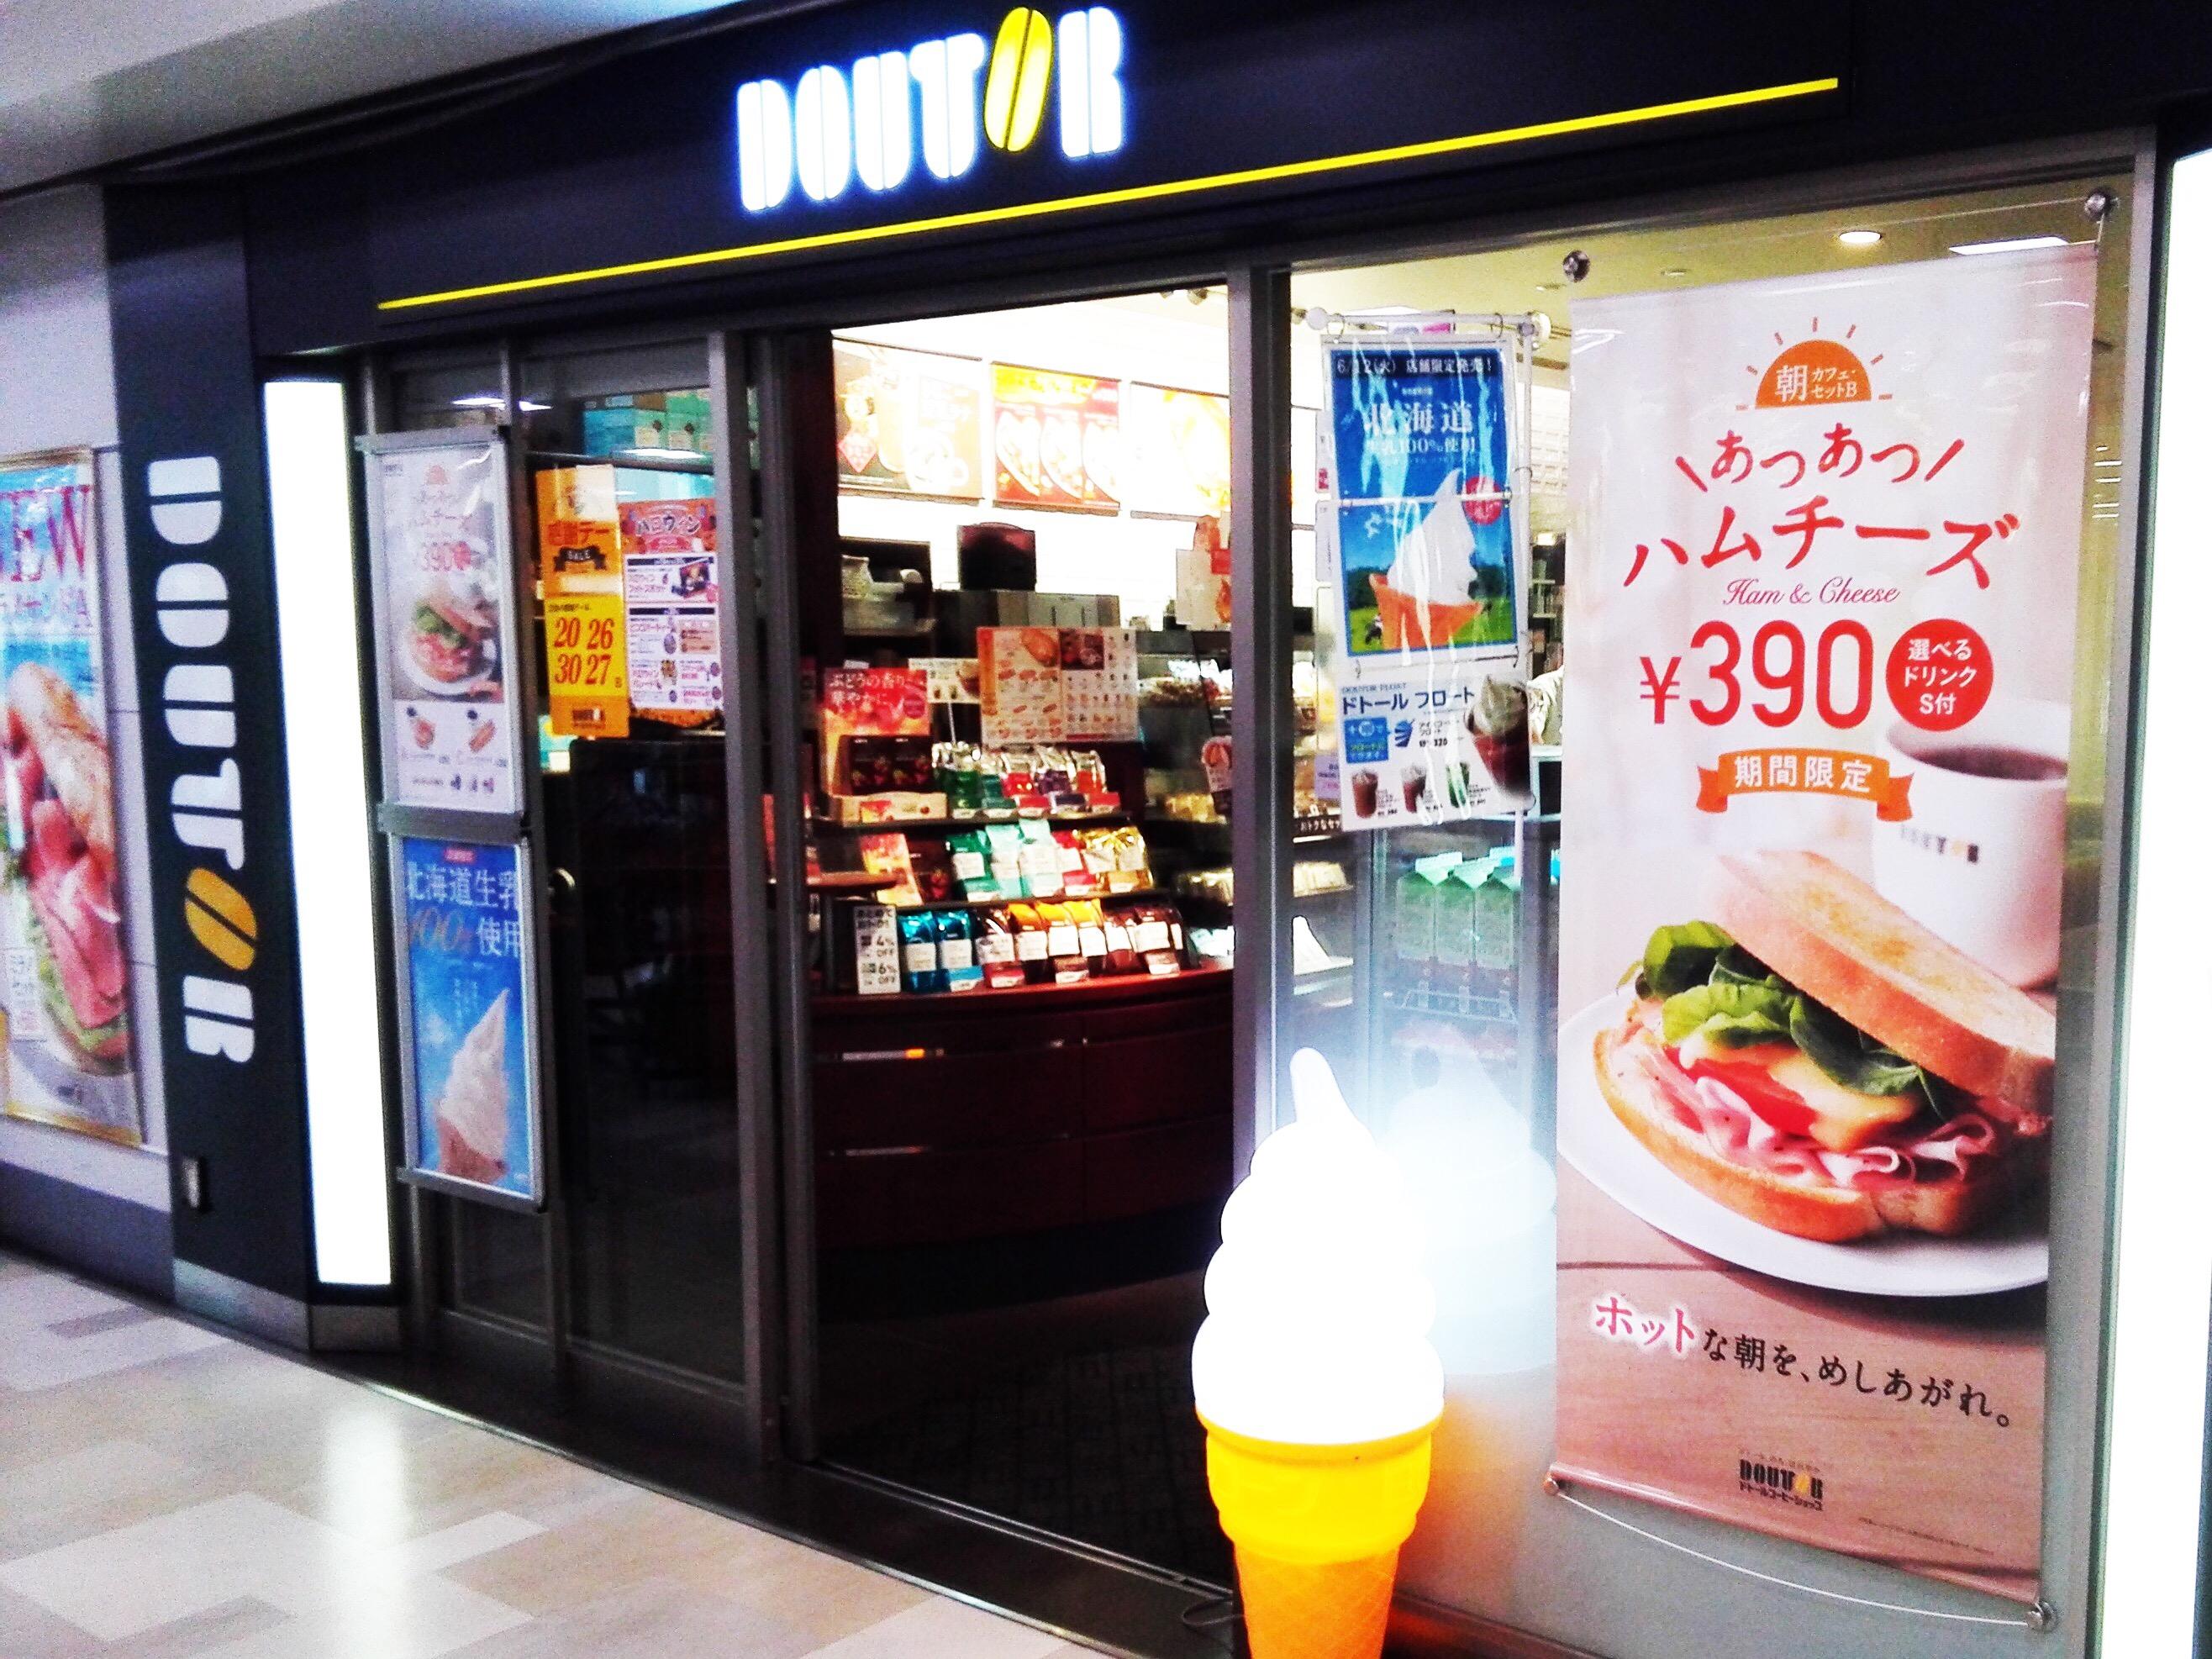 ドトール・コーヒーショップ イオン東神奈川店の入り口